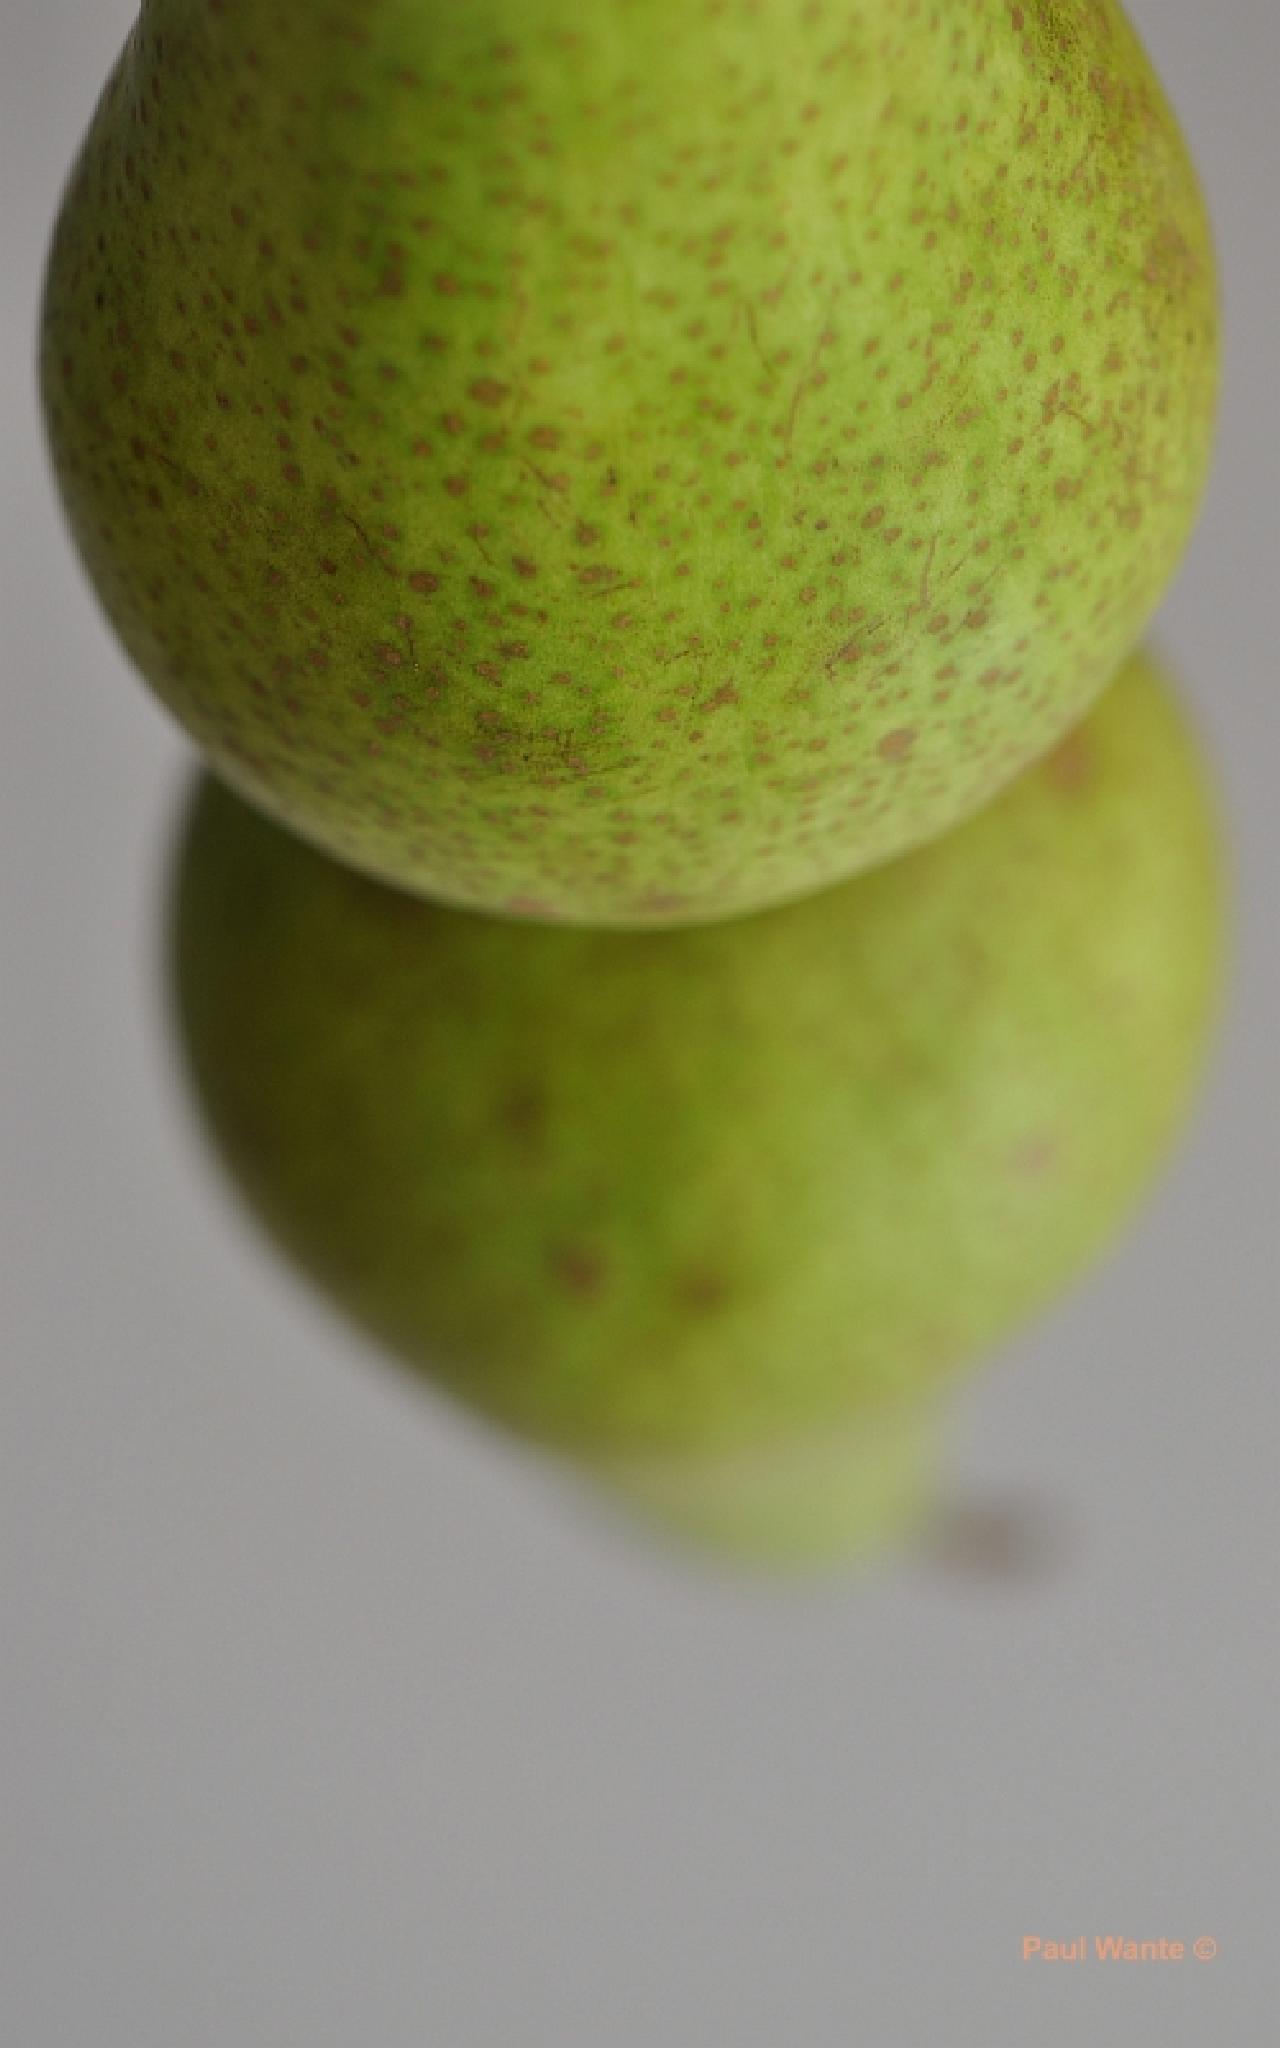 pear 1 by paul wante